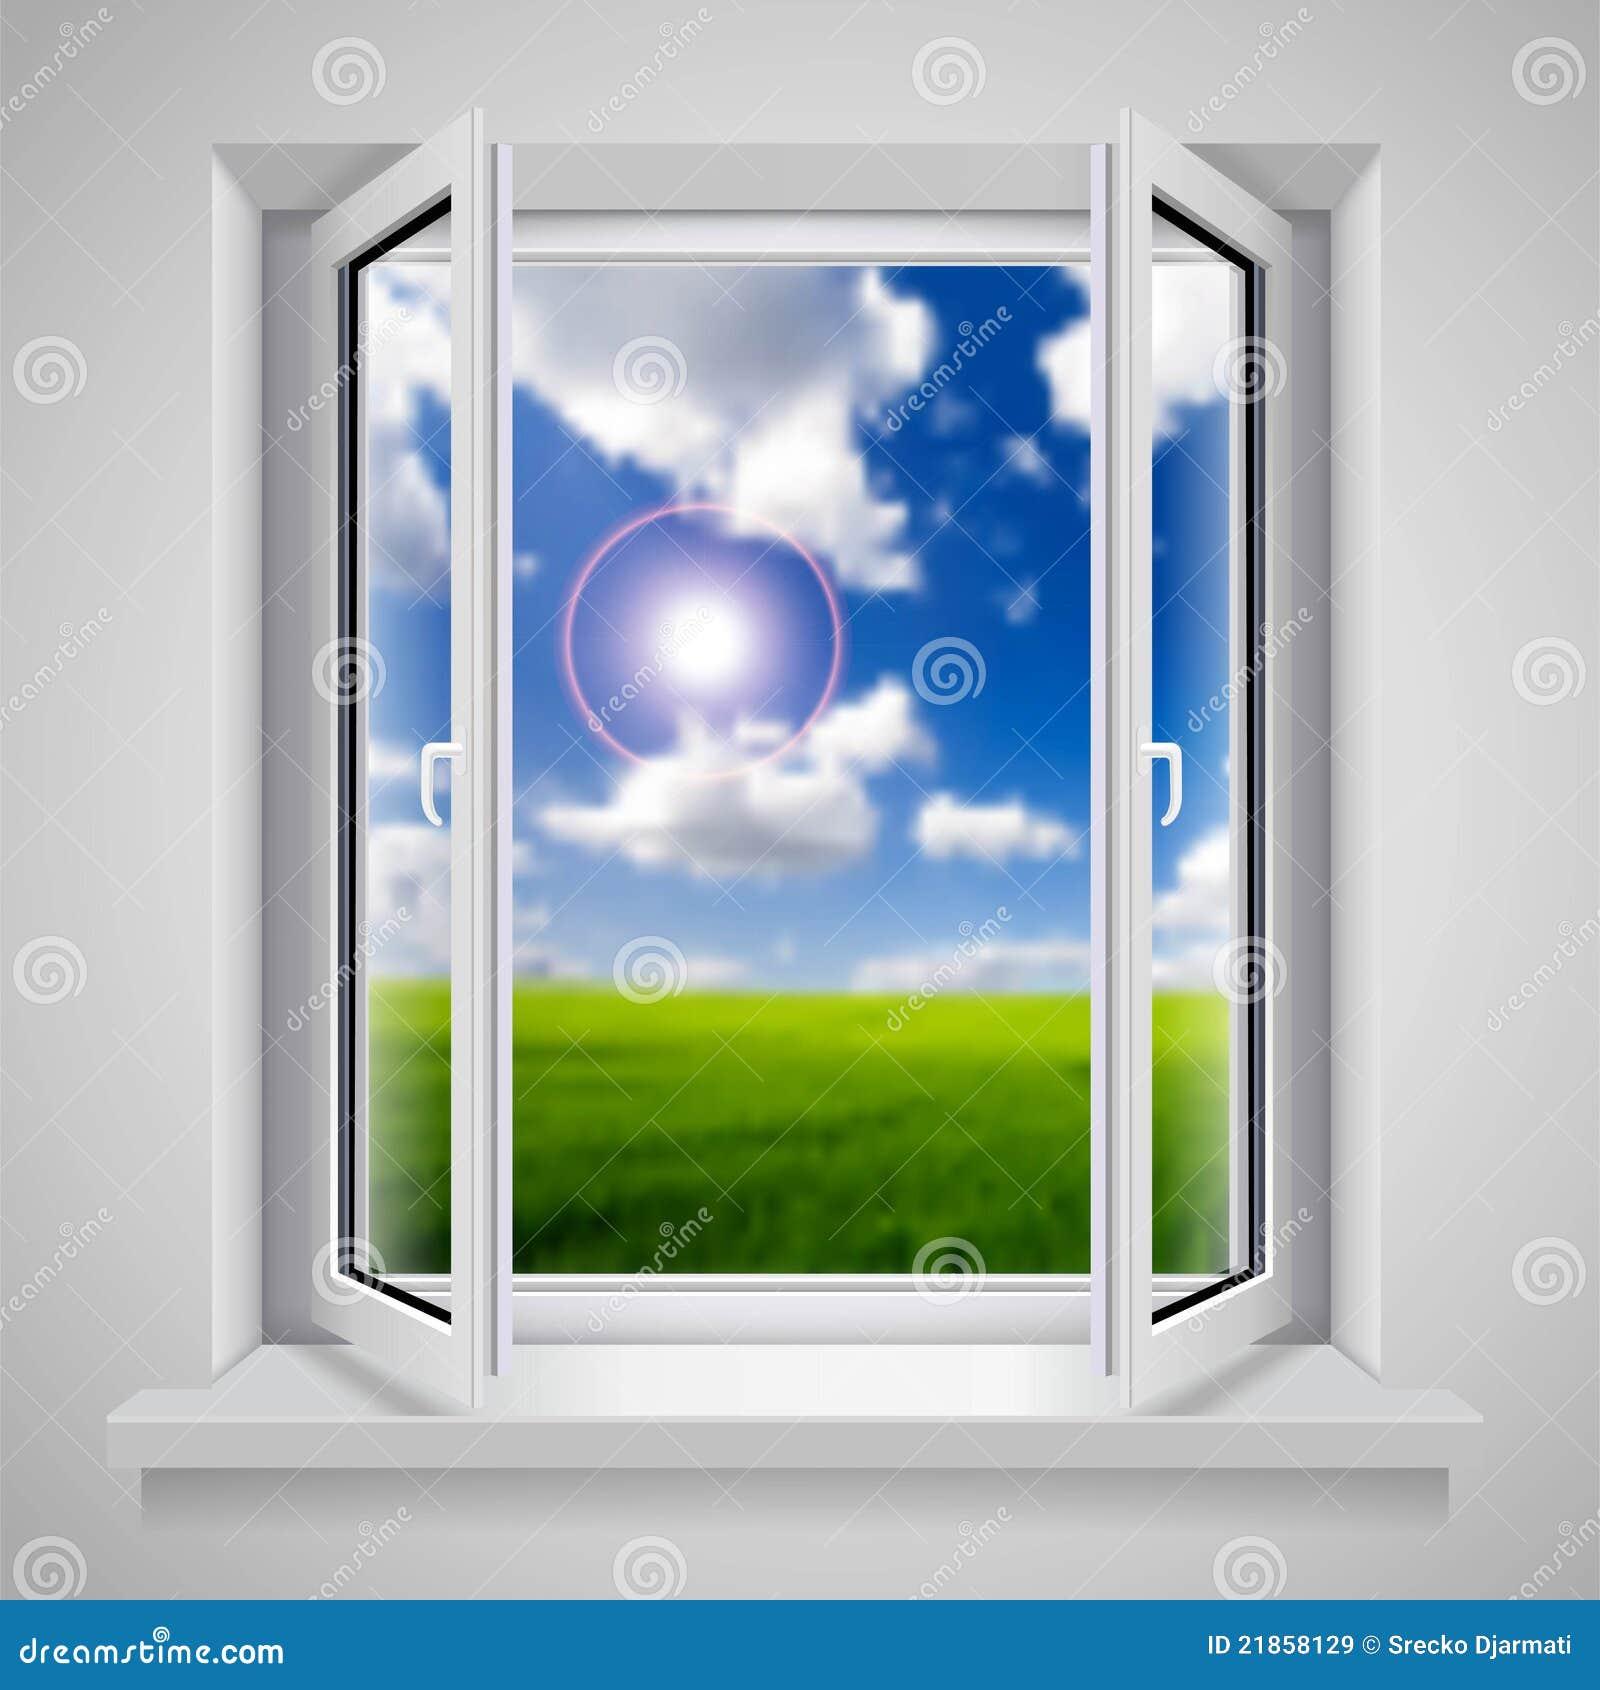 Open window winter - Gallery For Gt Open Window